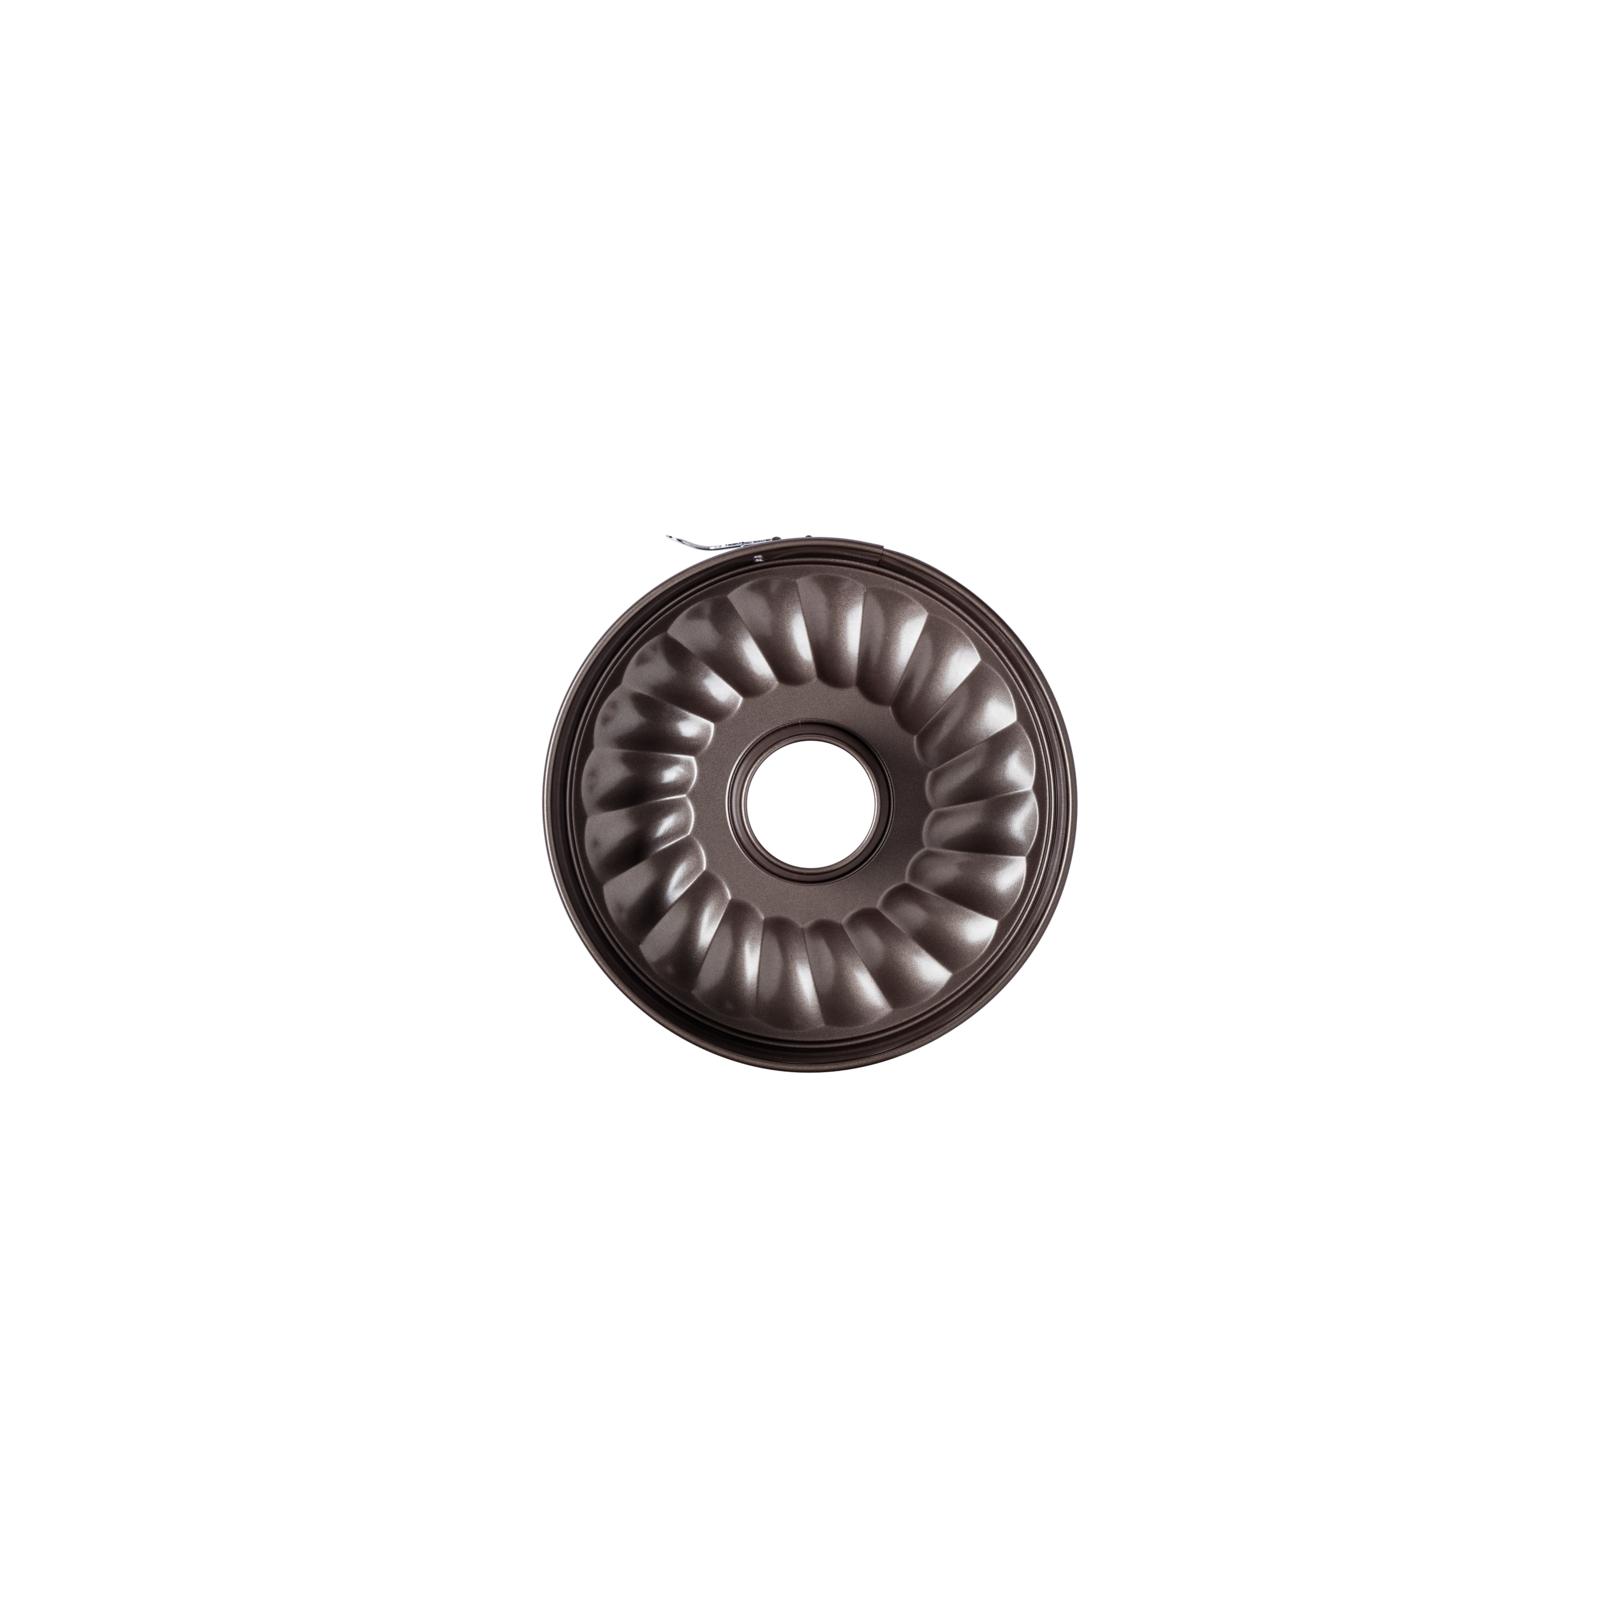 Форма для выпечки Pyrex Asimetria разъемная 26 см (AS26DT0) изображение 4